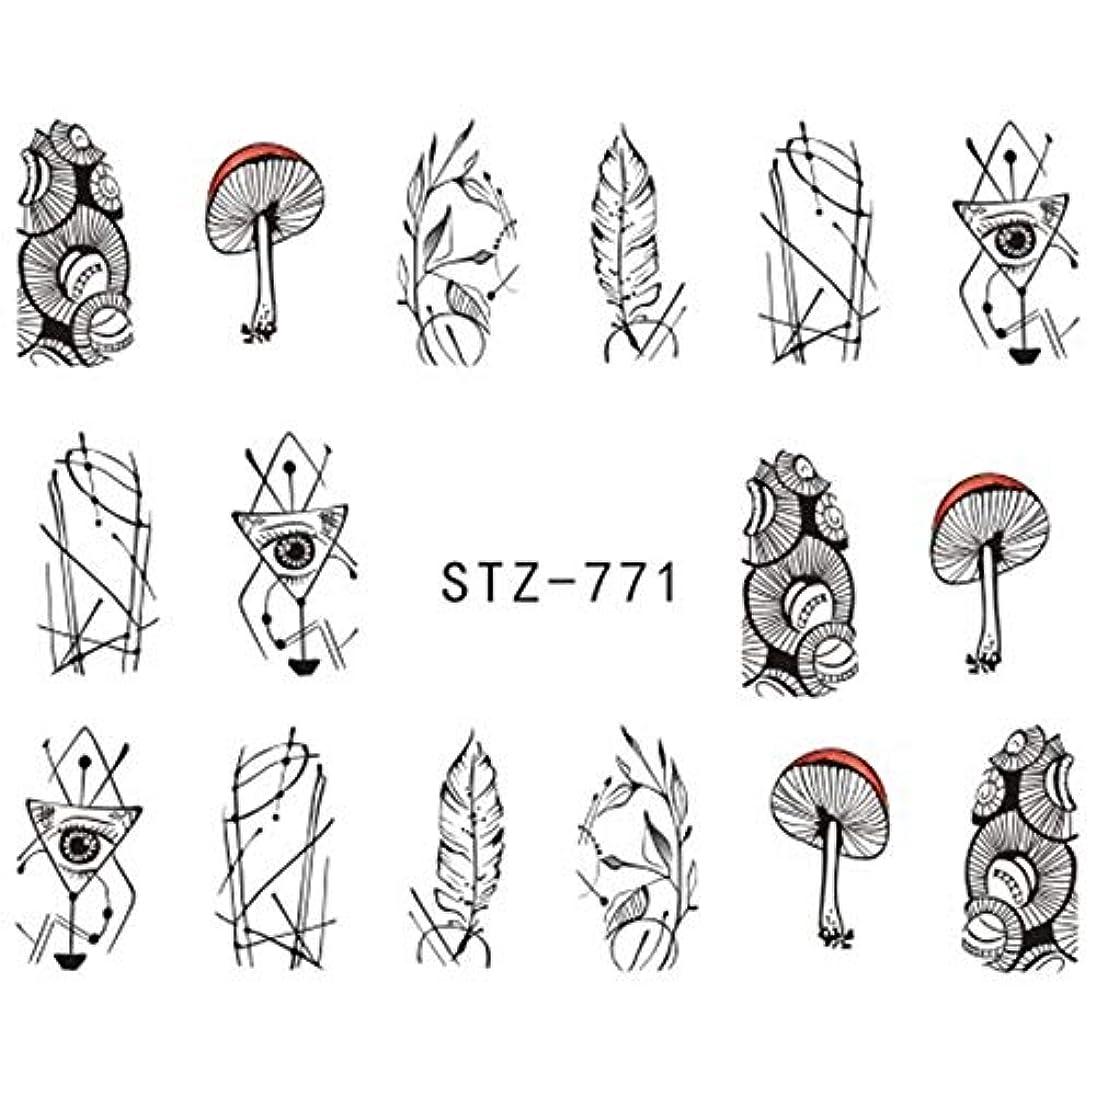 噛む職人ブレースYan 3個入りウォーターデカールネイルステッカー(STZ766) (色 : STZ771)